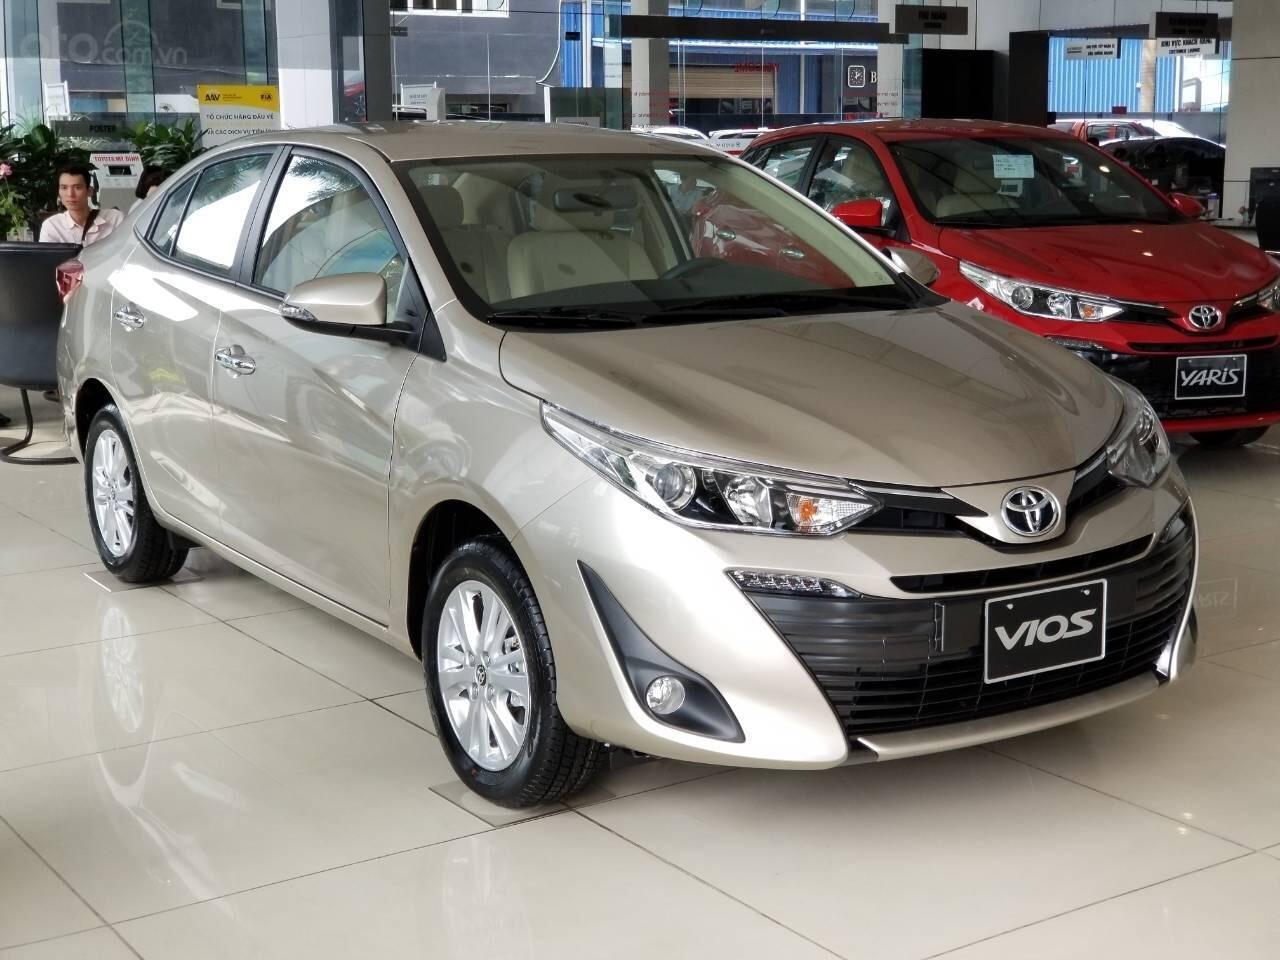 Bán nhanh chiếc xe Toyota Vios 1.5G CVT - 2019 với giá cạnh tranh nhất thị trường (3)